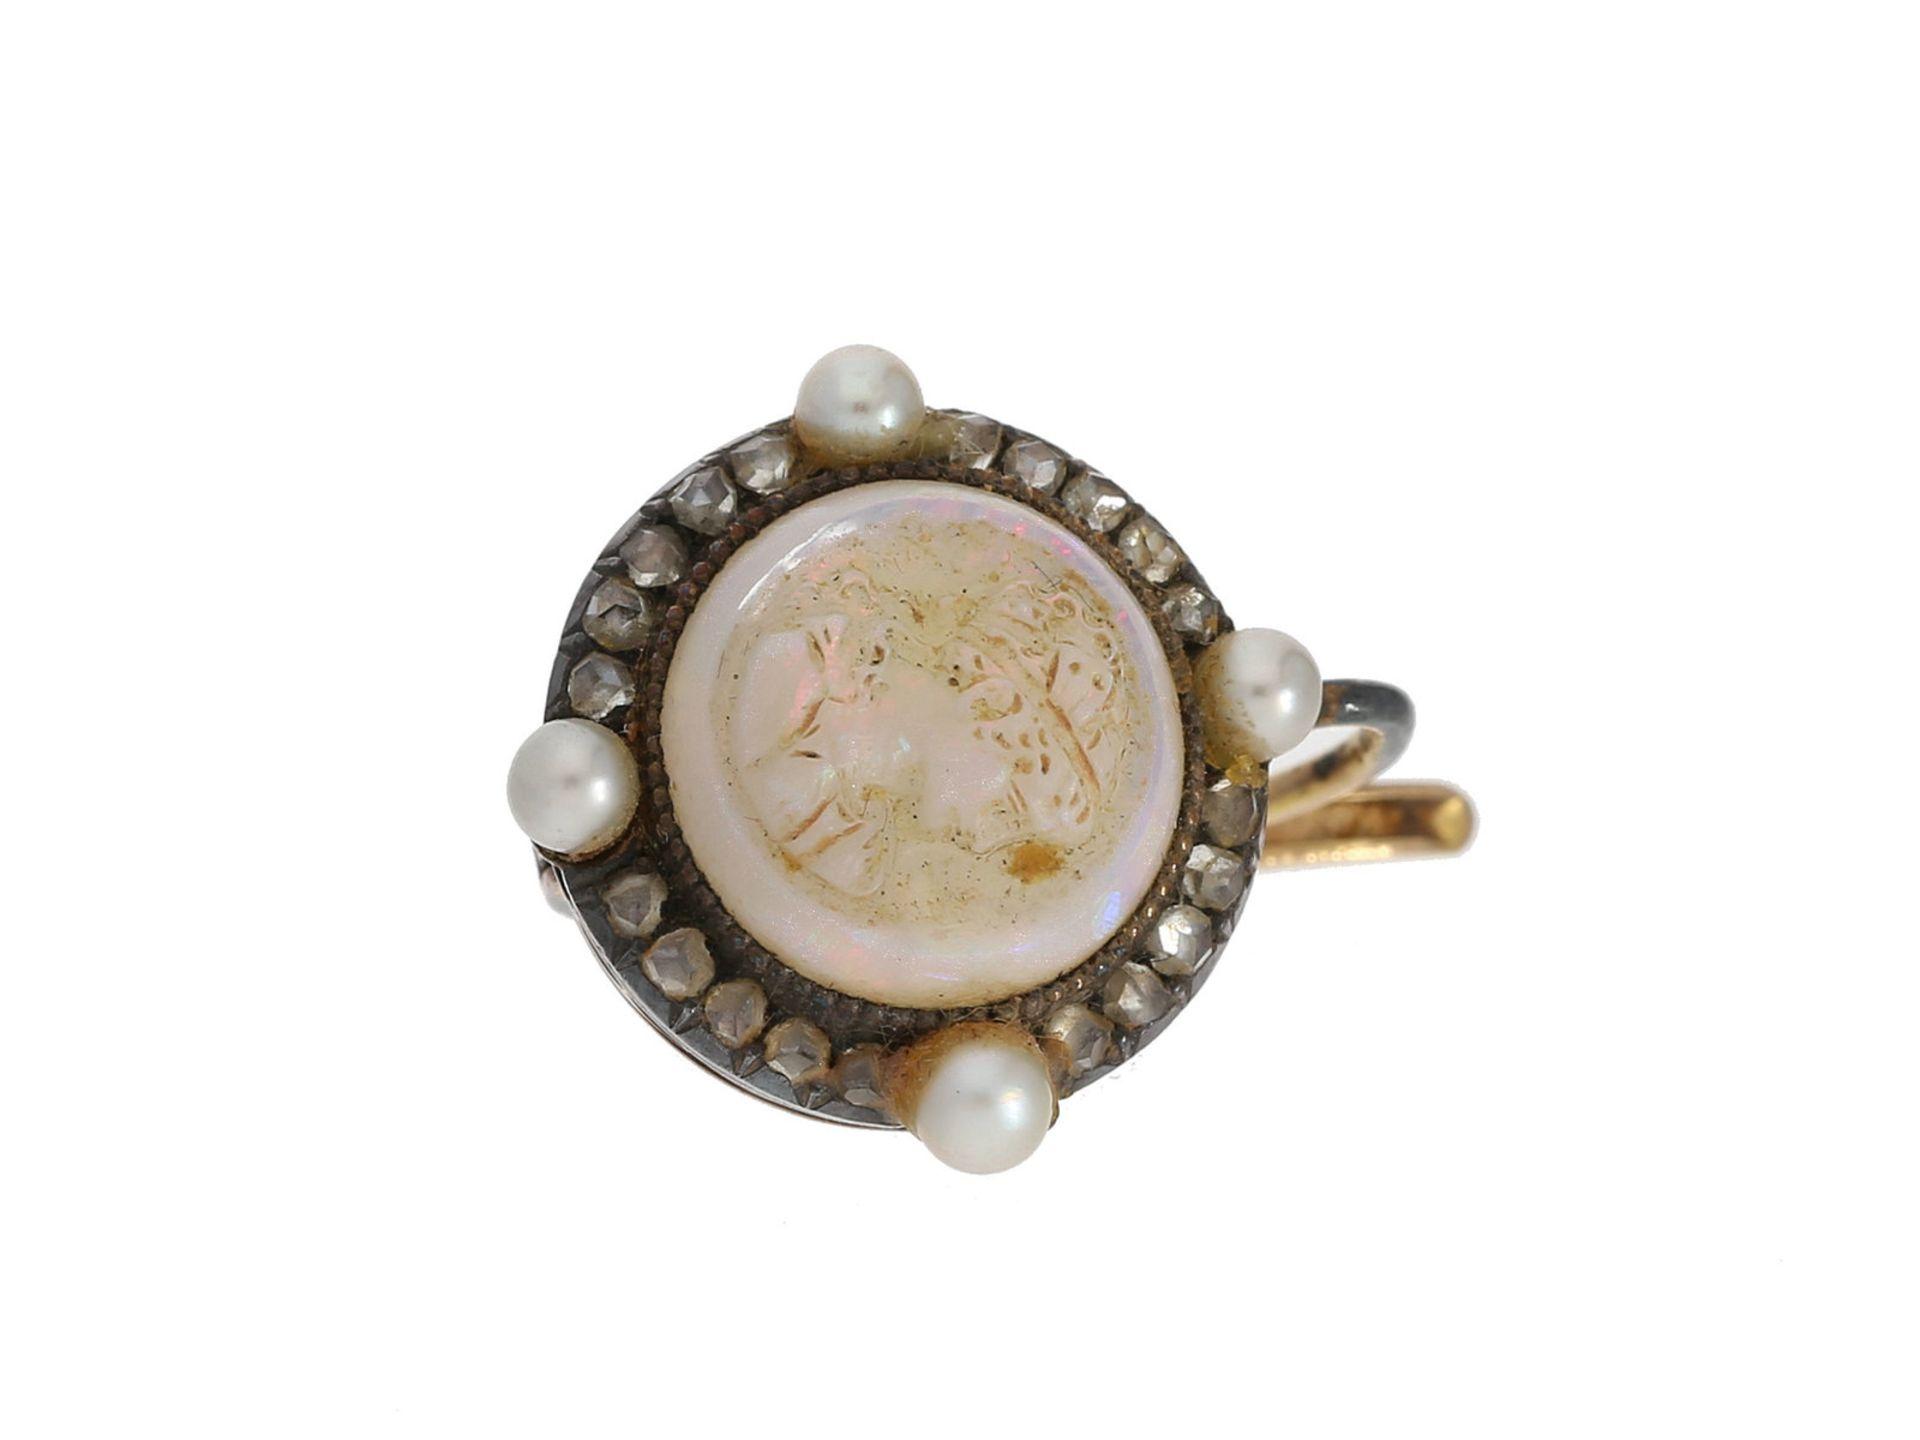 Ohrschmuck: einzelner antiker Ohrschmuck mit Steinkamee, Perlen und Diamantrosen, 19. Jahrhunder